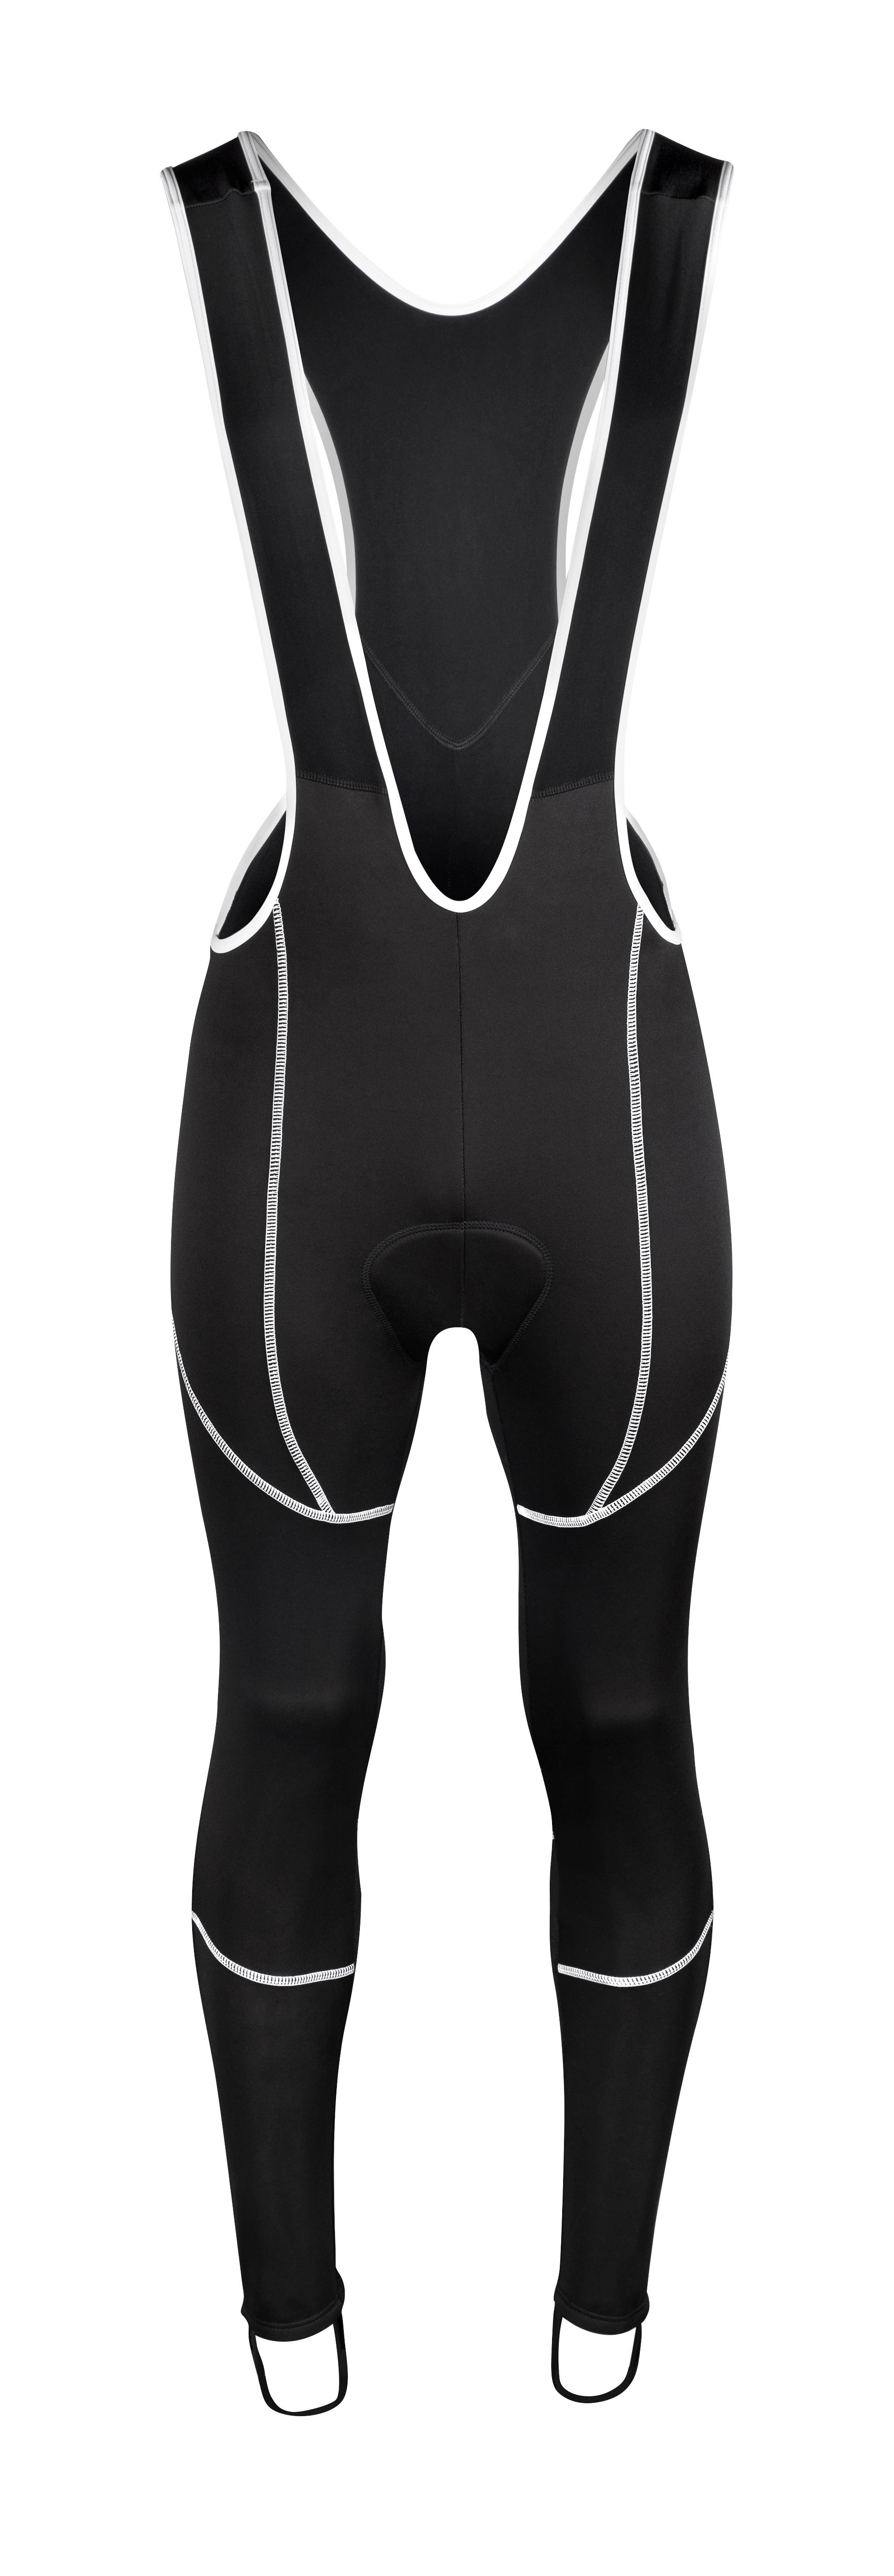 kalhoty FORCE Z70 se šráky s vložkou, černé